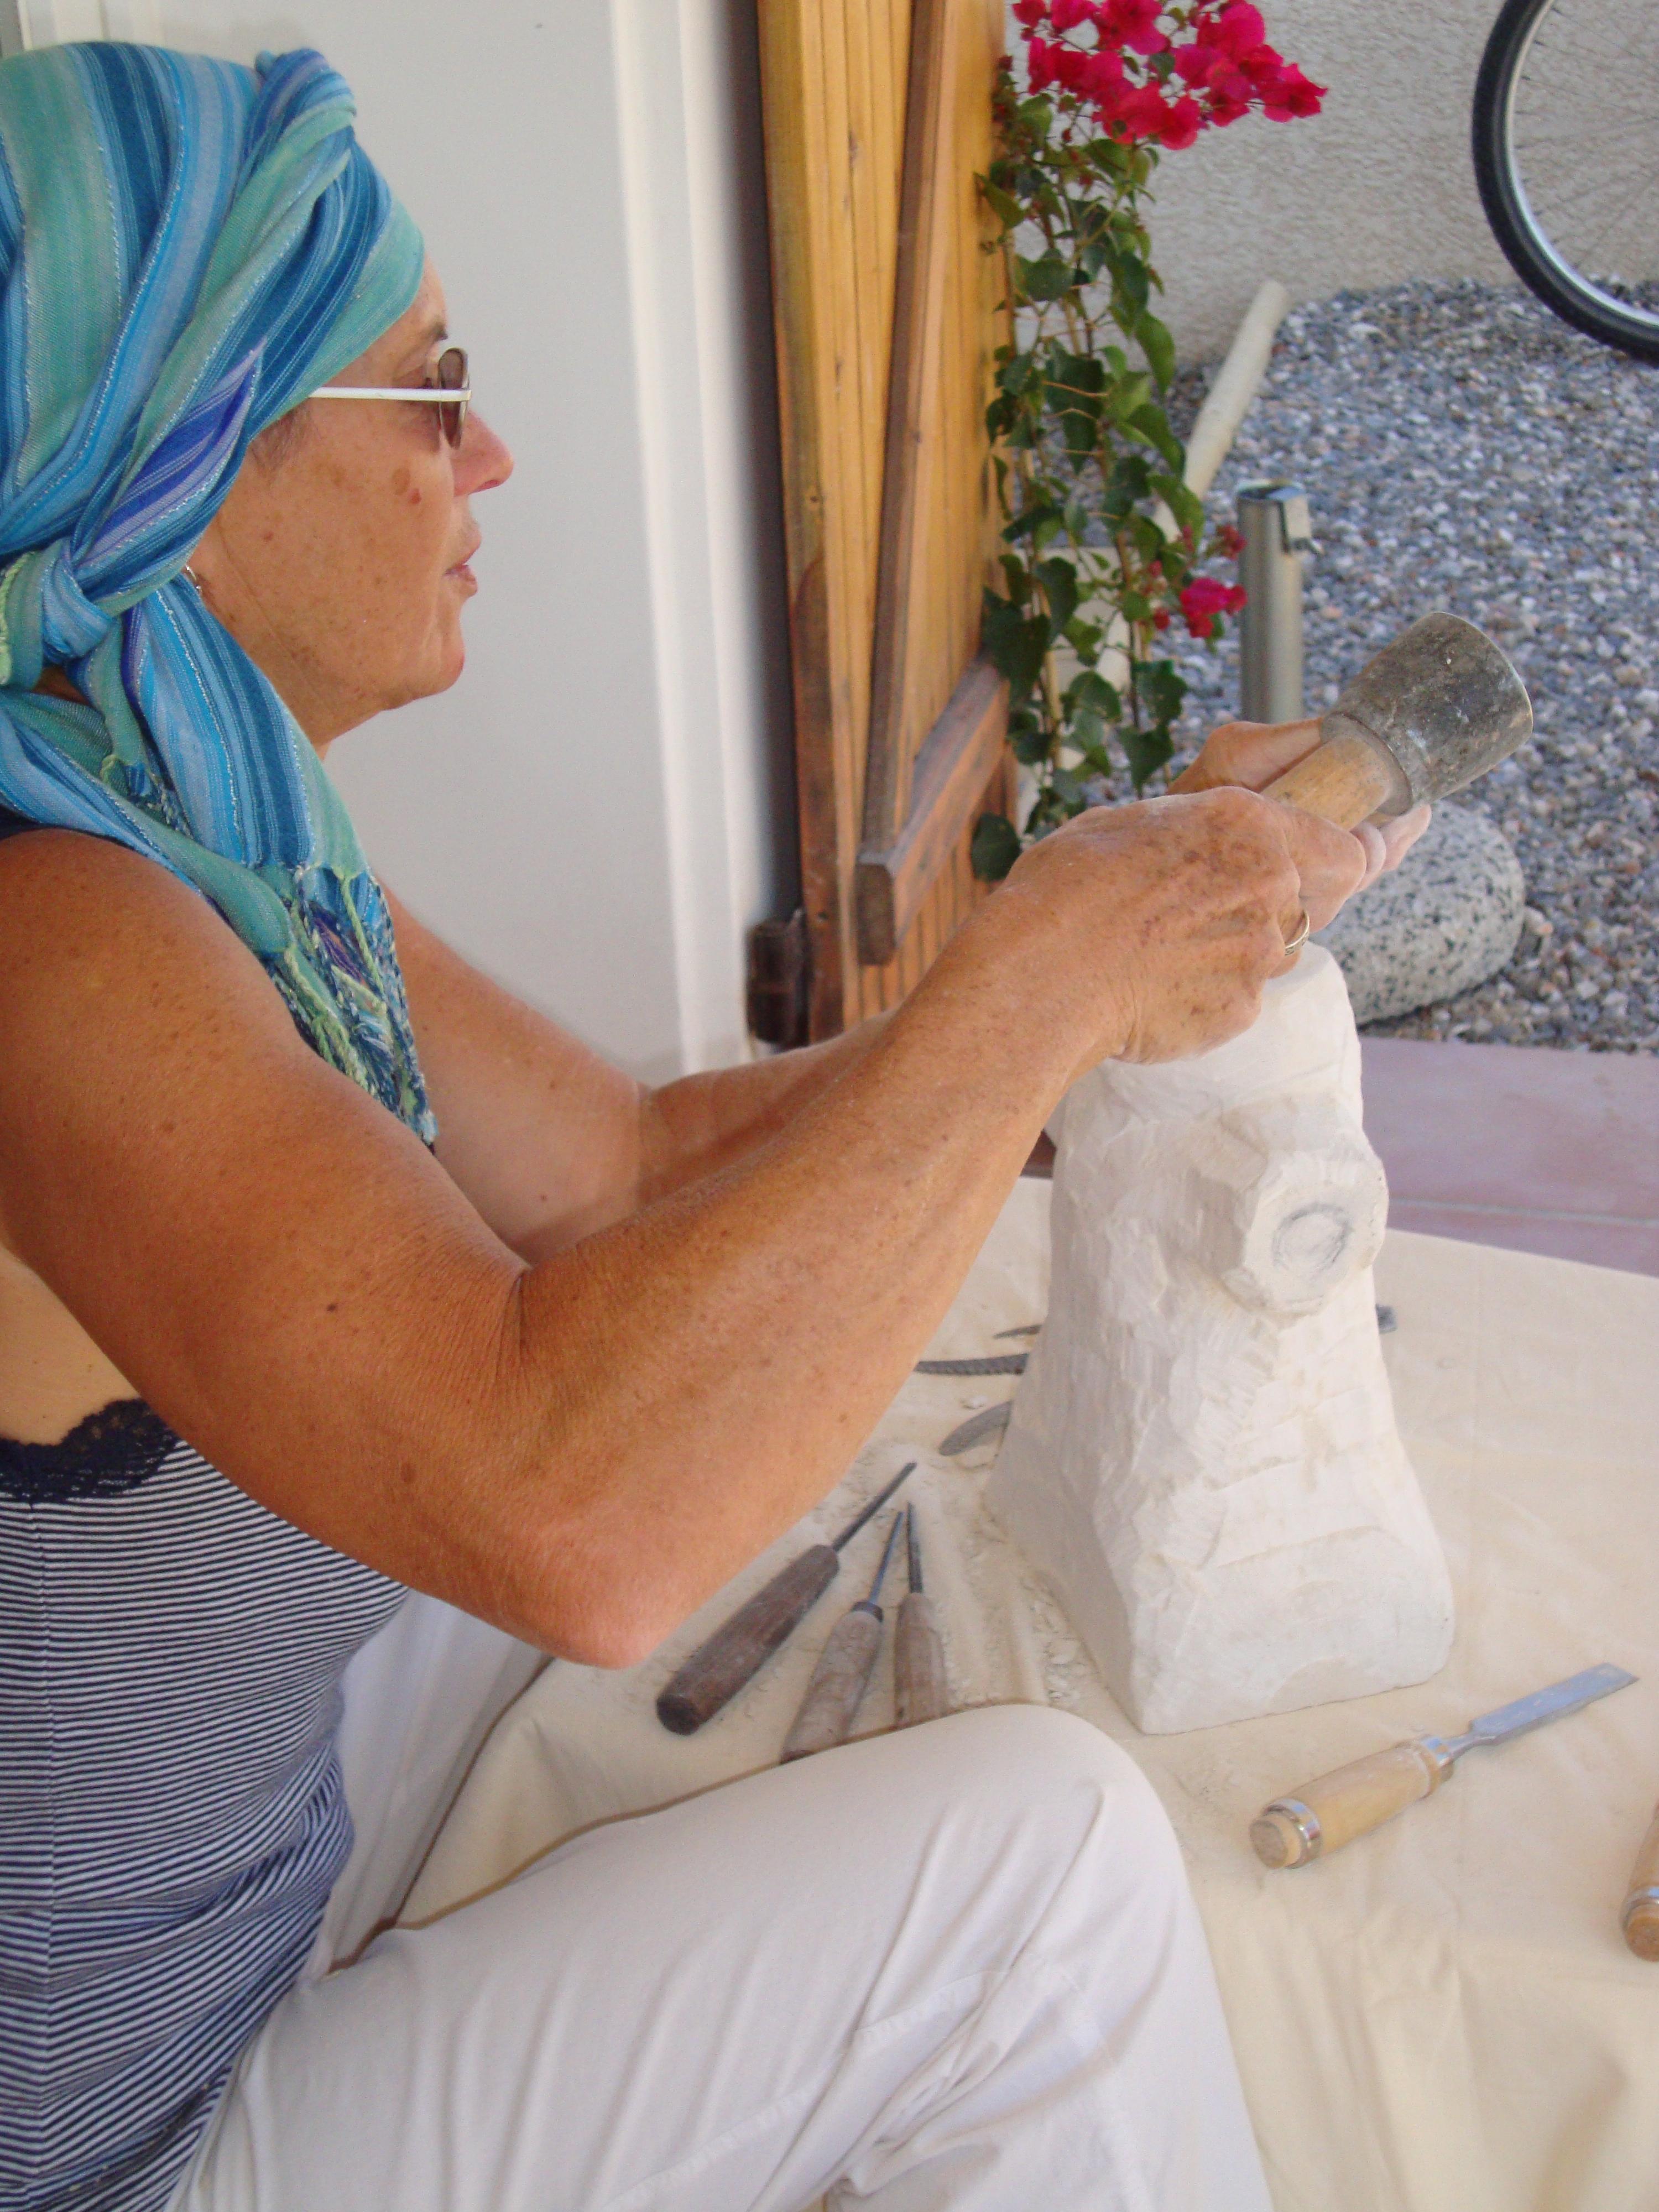 sculpter au soleil